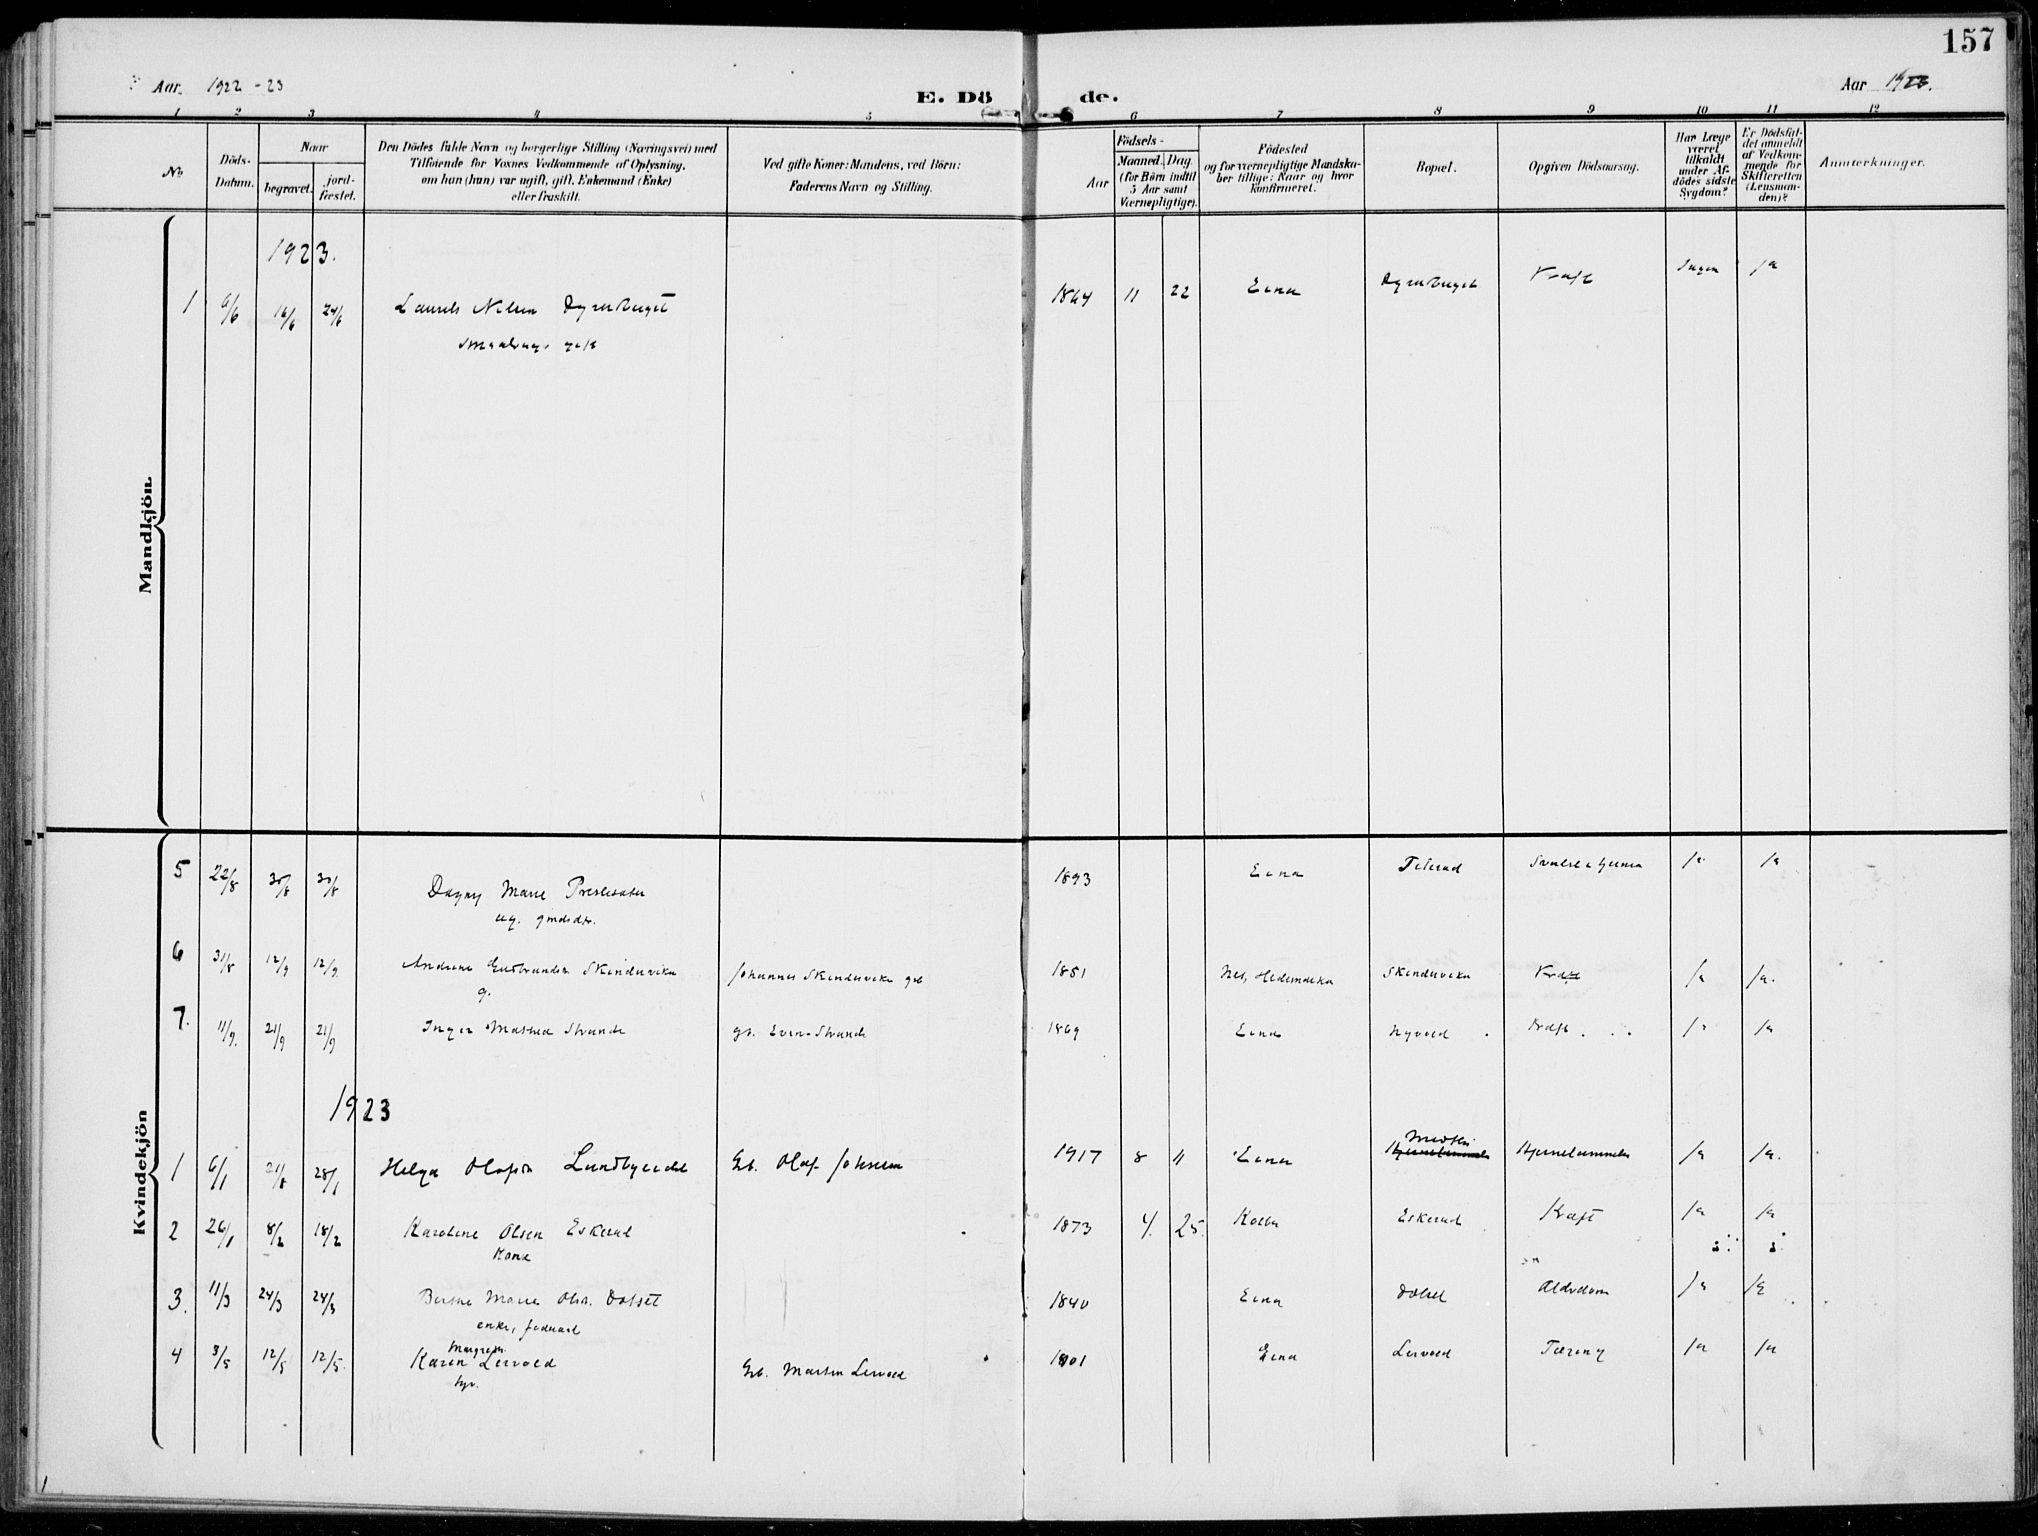 SAH, Kolbu prestekontor, Ministerialbok nr. 1, 1907-1923, s. 157